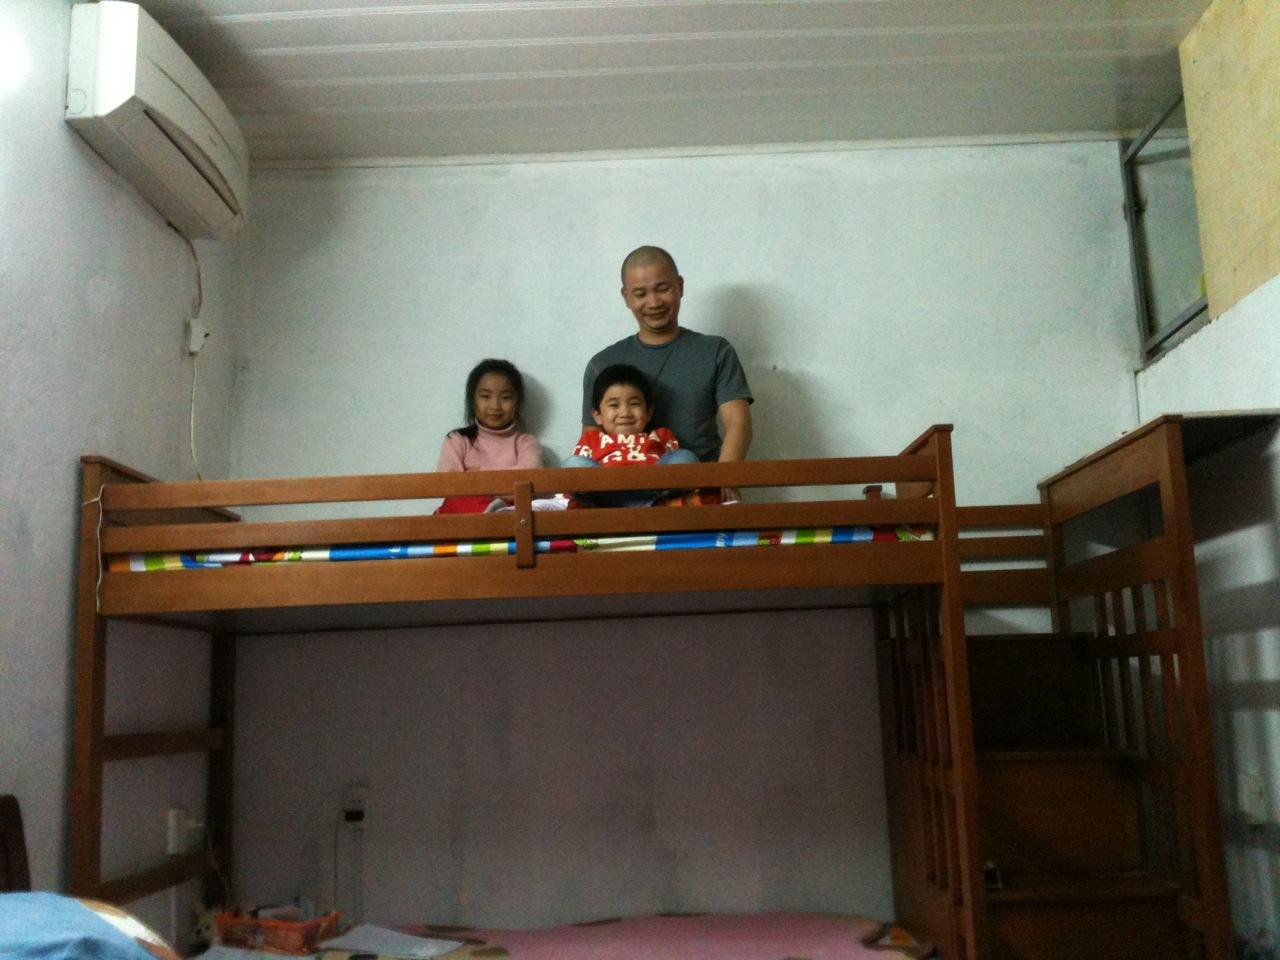 Giường 2 tầng cho bé Lina Tuệ Minh & Kỳ Minh nhà bố Hoài Nam_ Long Biên_ Hà Nội - Nội thất AnTamKids, giuong tre em, giuong 2 tang tre em